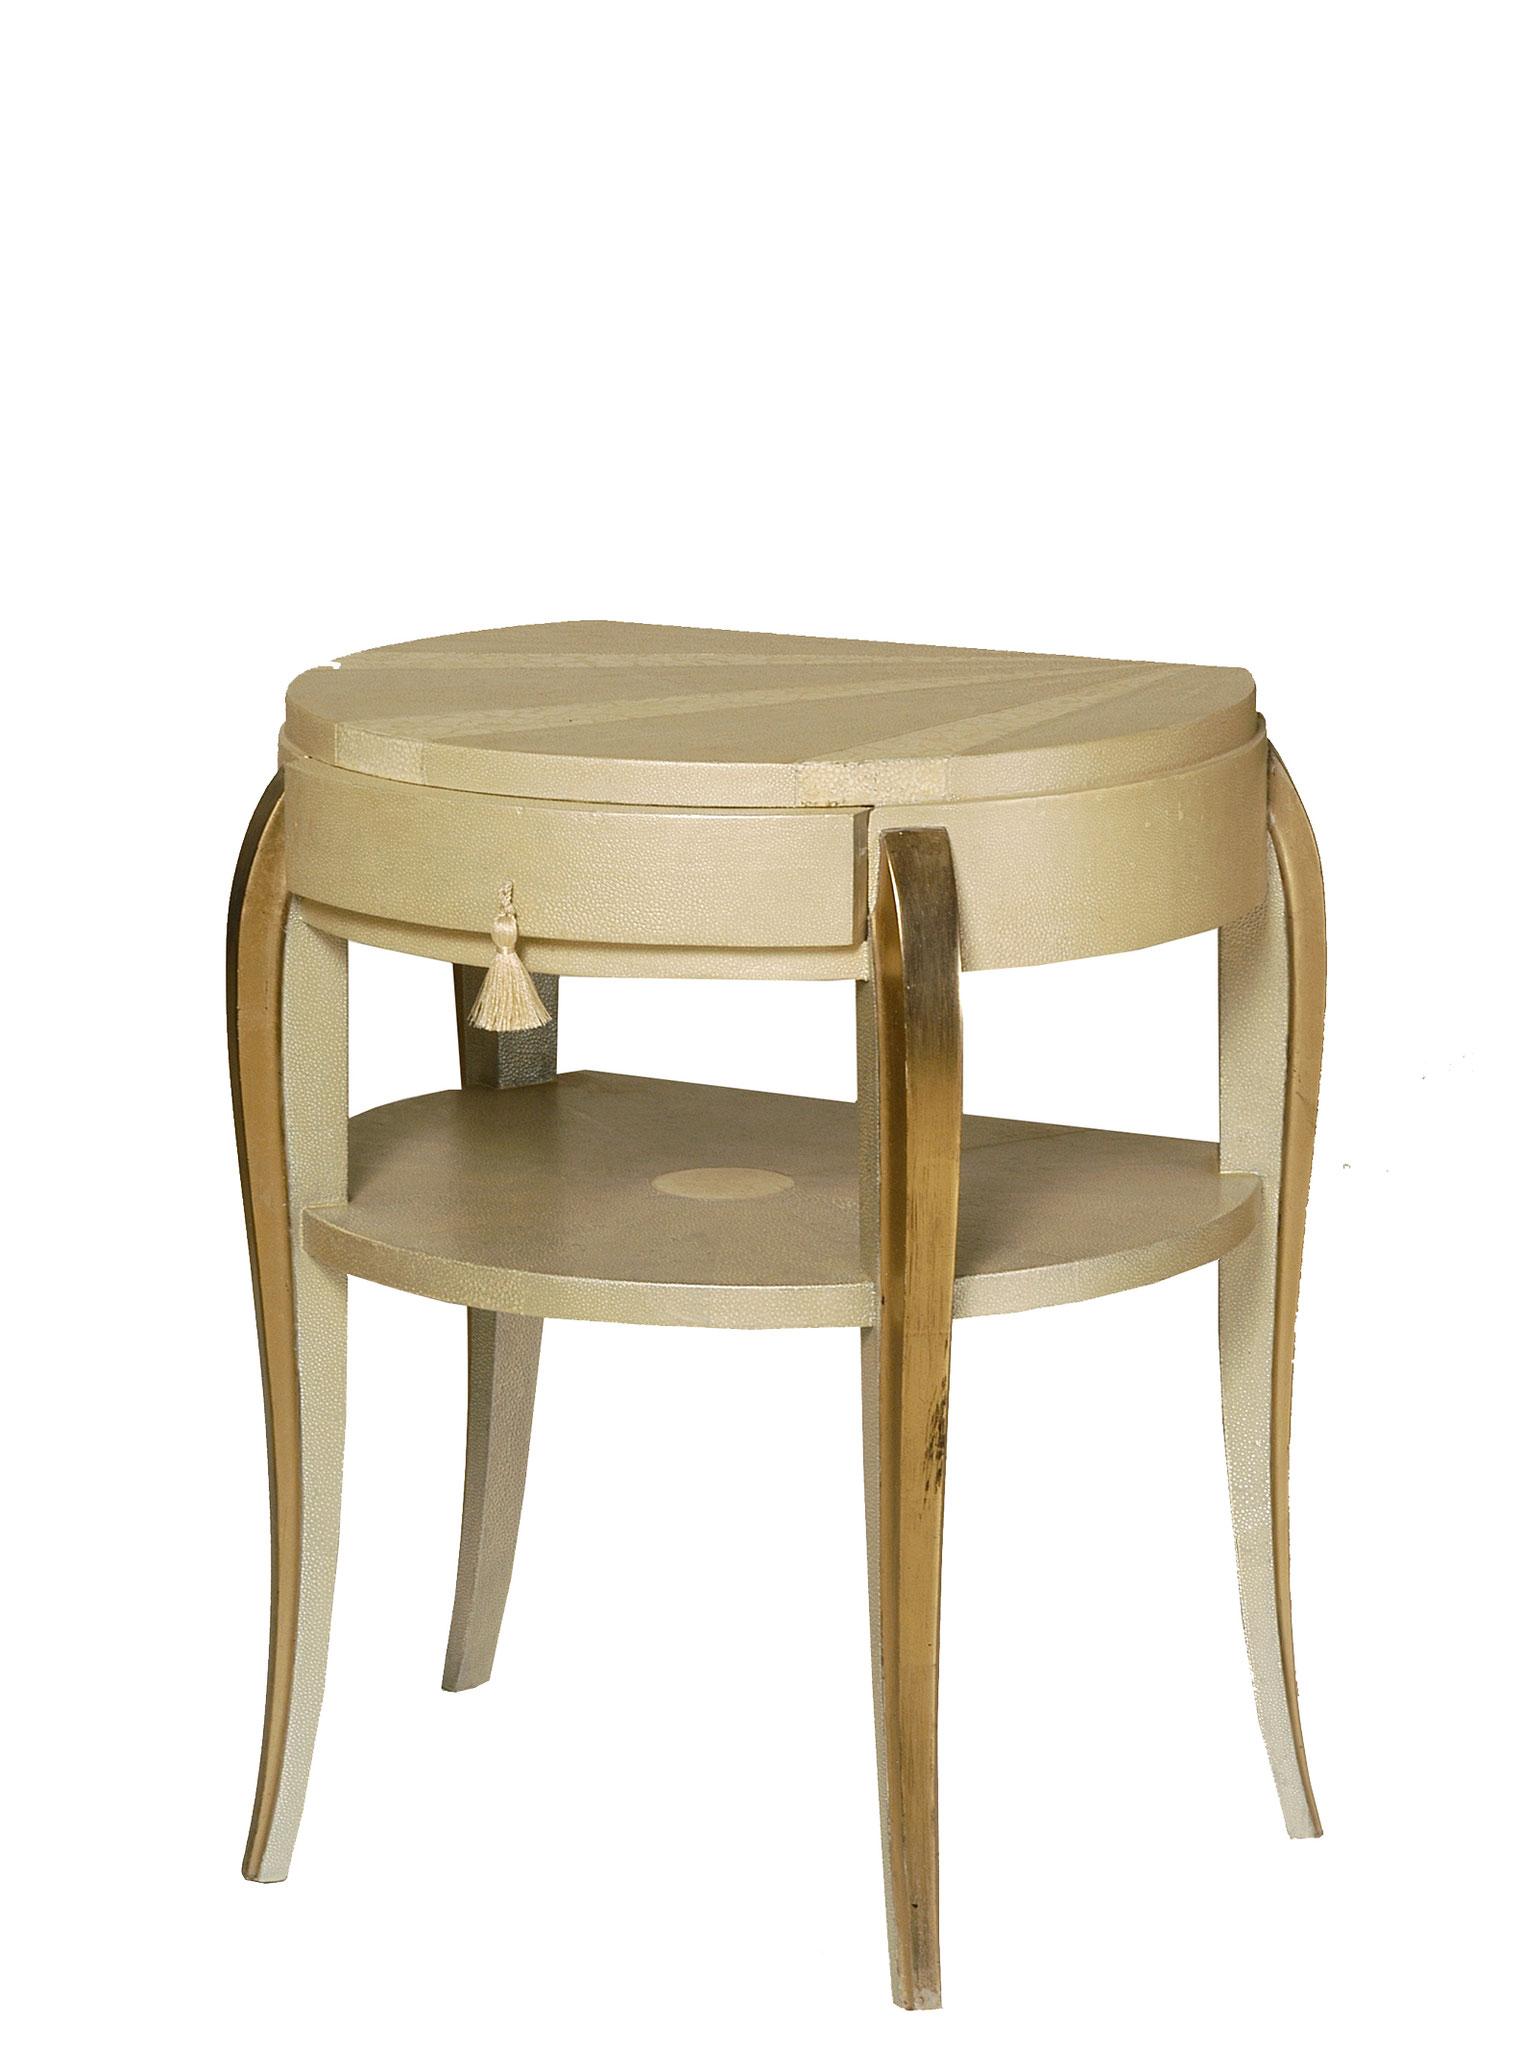 Table de chevet gainée d'empreinte de peaux de galuchat, laquée avec incrustation de coquilles d'œufs, dorure à la feuille d'or - Ancien meuble années 40 - 57 x 46 x 40 cm